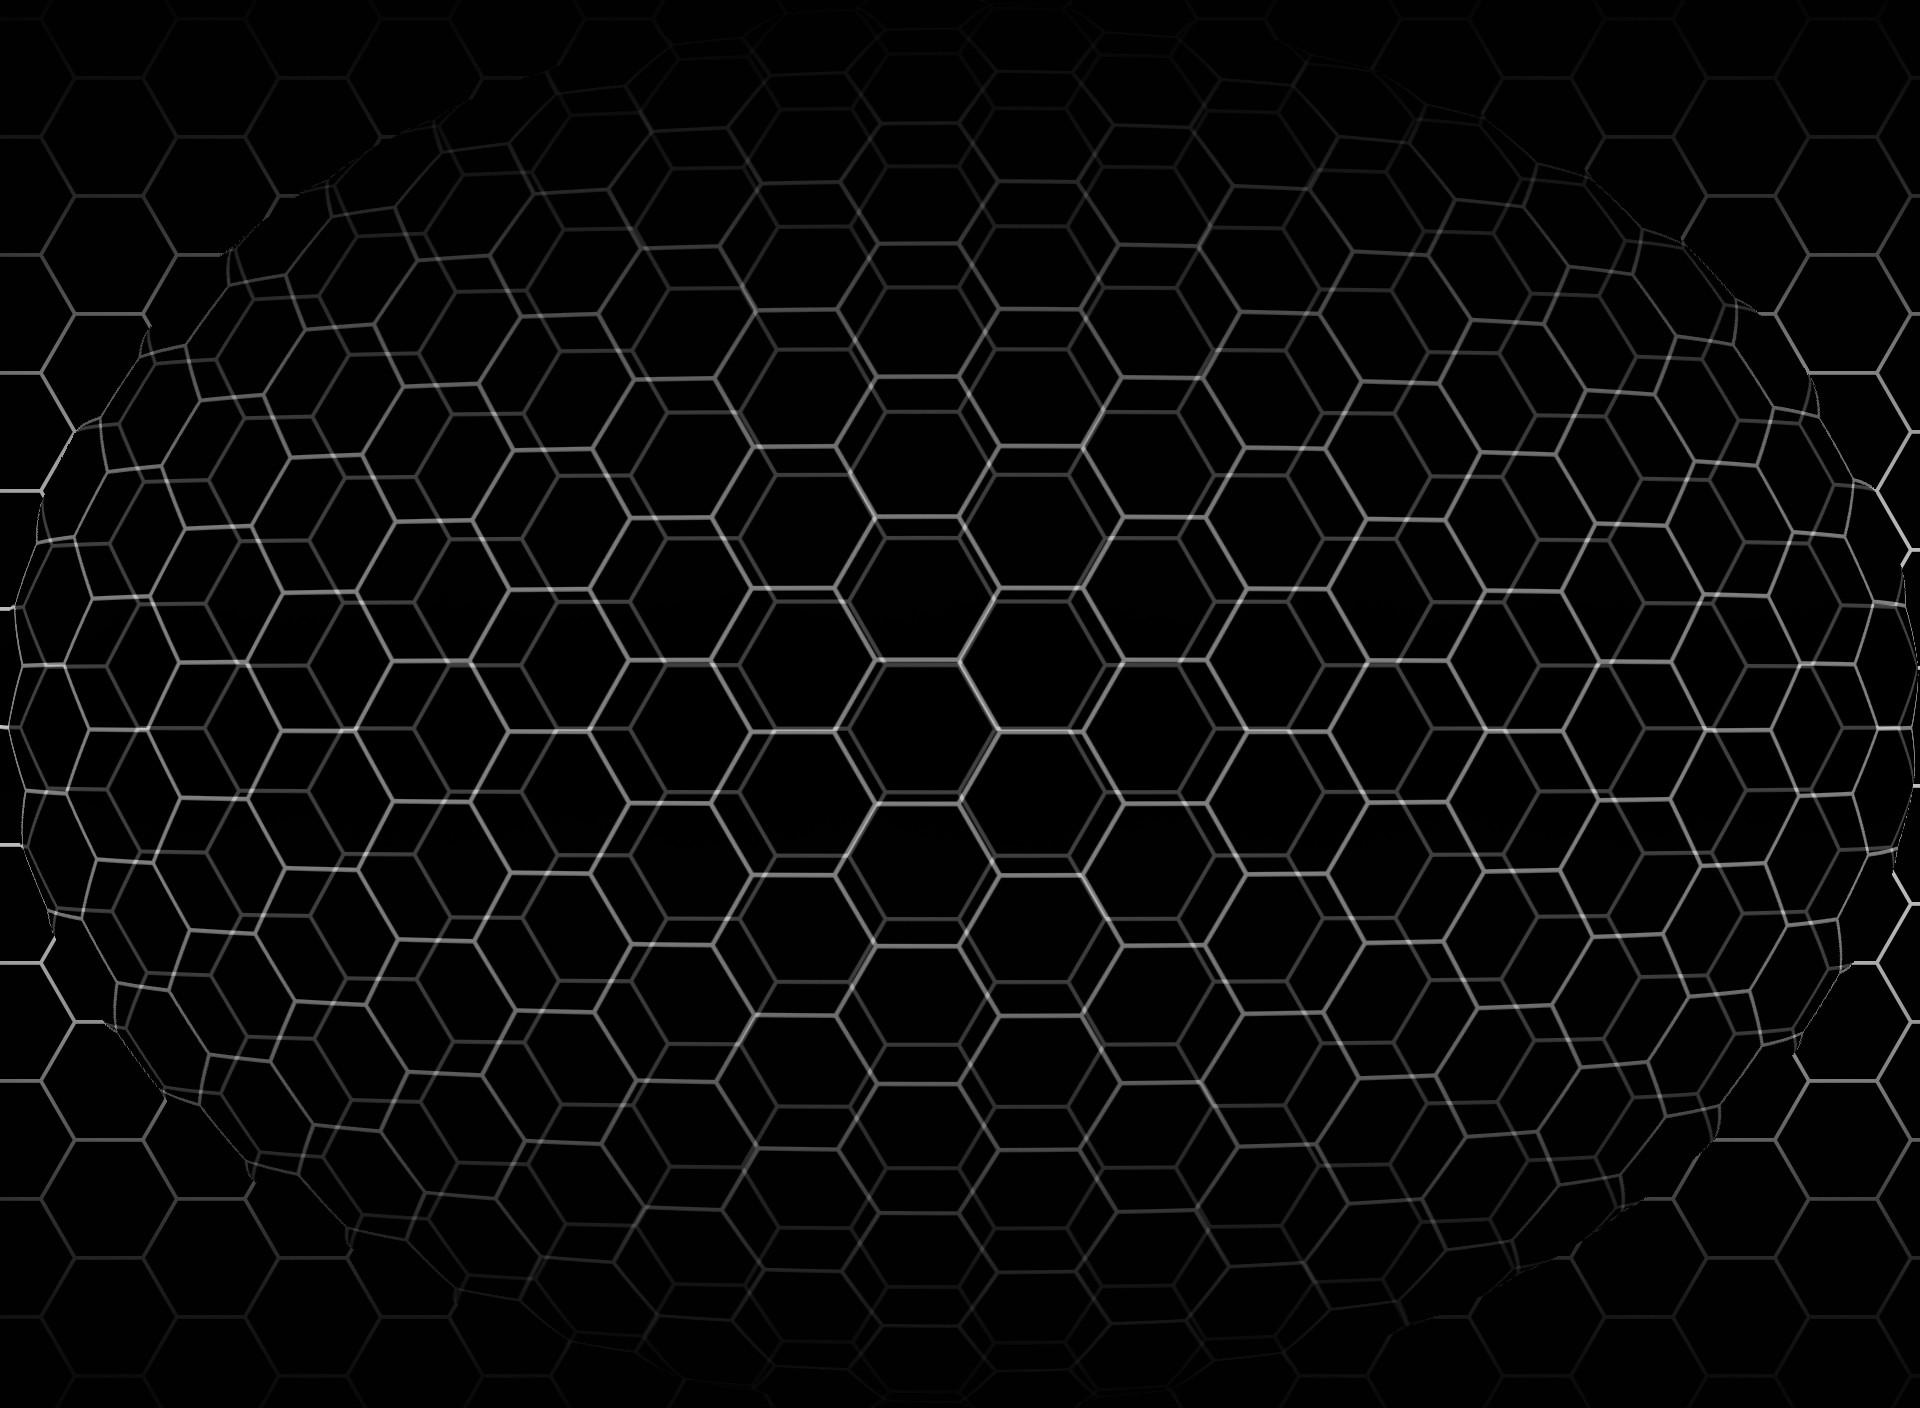 Res: 1920x1408, next honeycomb live wallpaperblack a a¾a a±a a¼a aµa a½a a½a a¸a